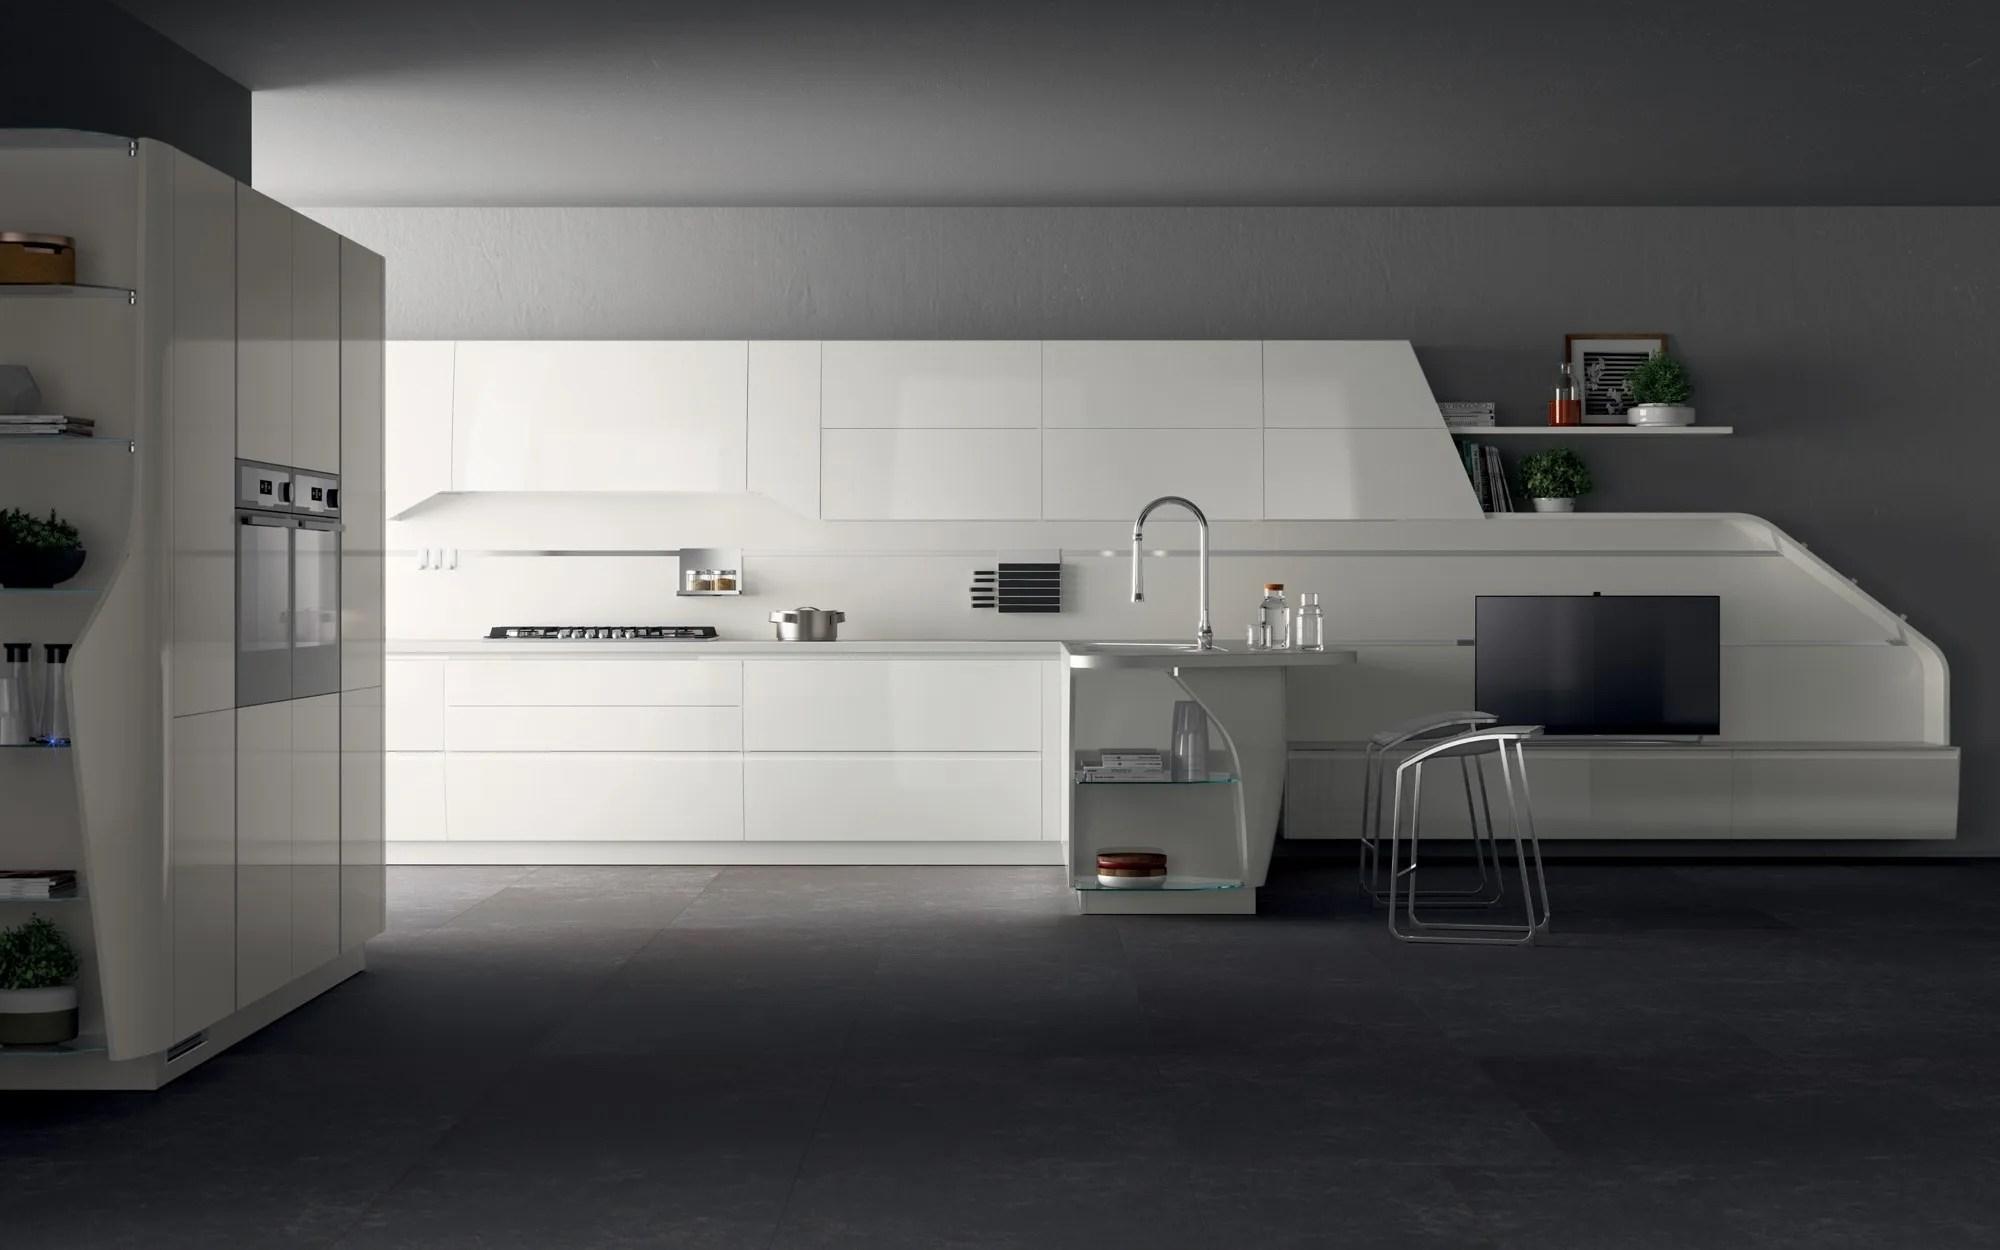 Cucina componibile laccata FLUX SWING Linea Scavolini by Scavolini design Giugiaro Design